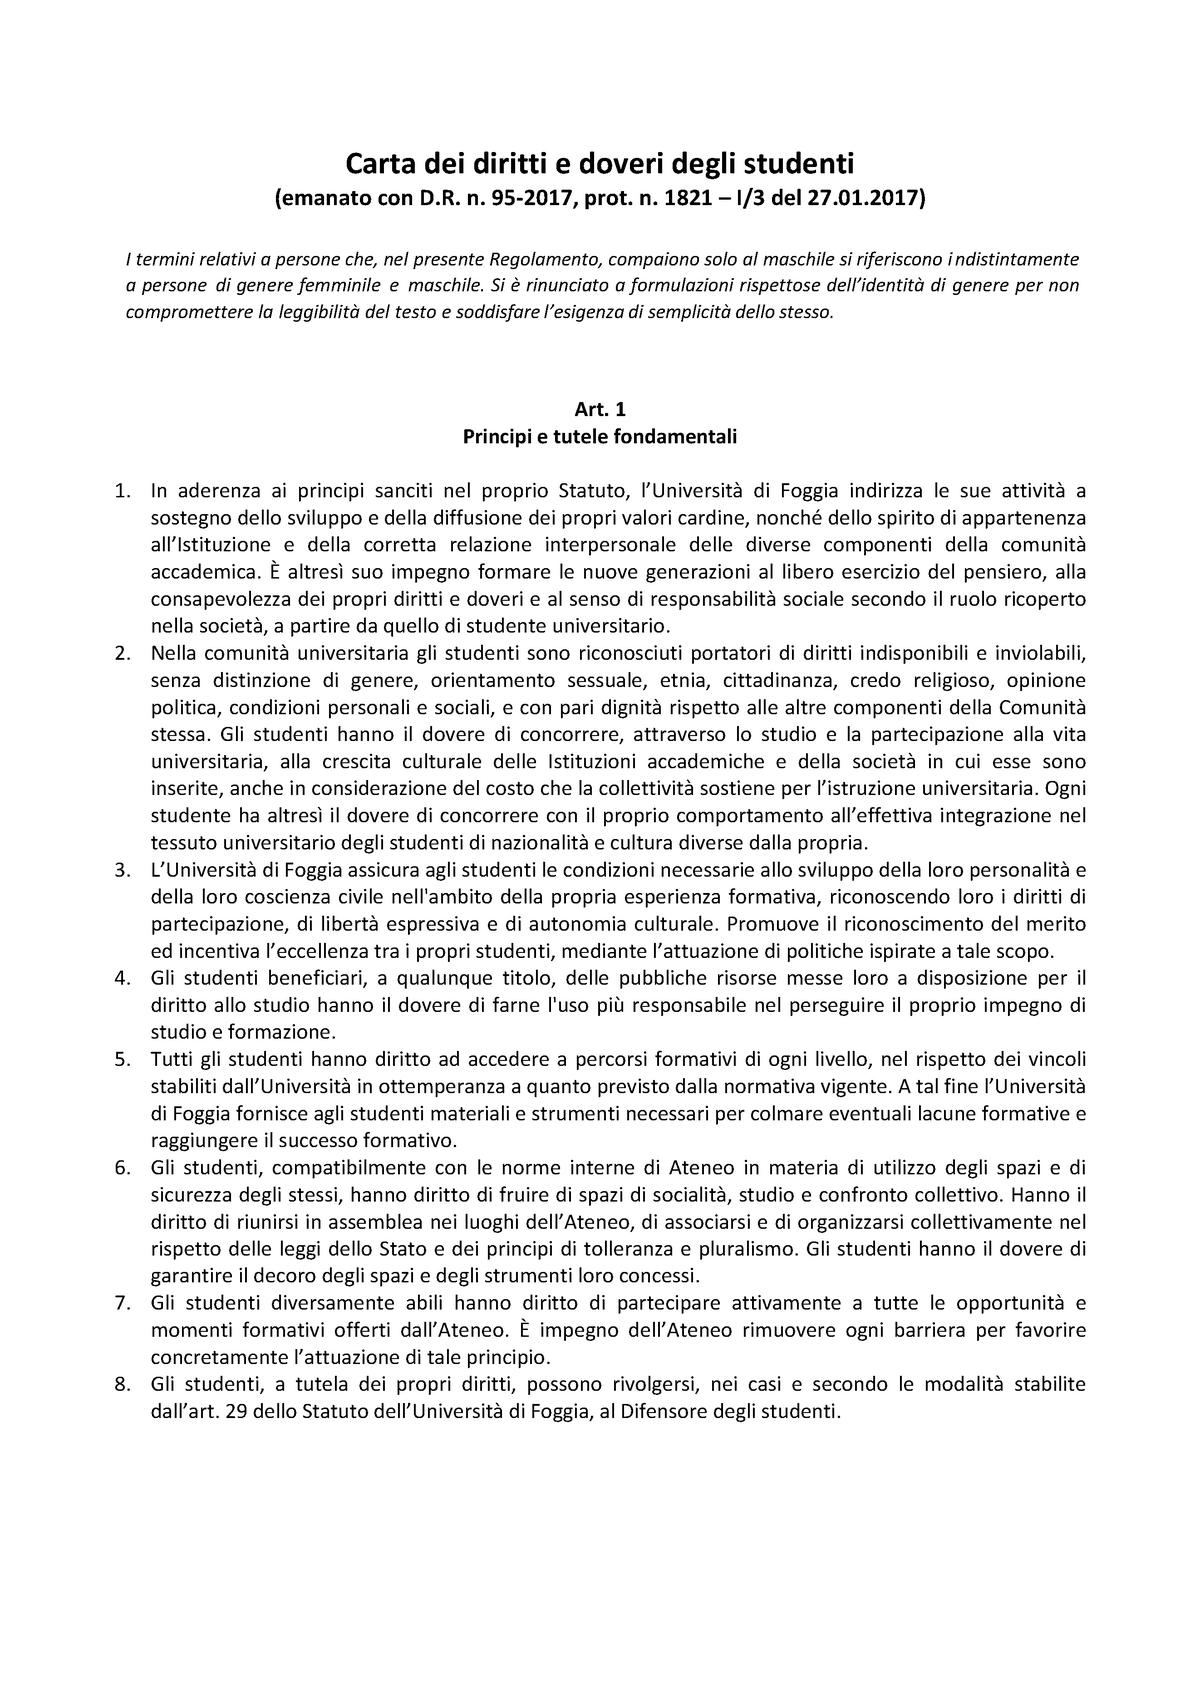 Calendario Appelli Unive.Carta Diritti E Doveri Studenti 2017 156013 Diritto